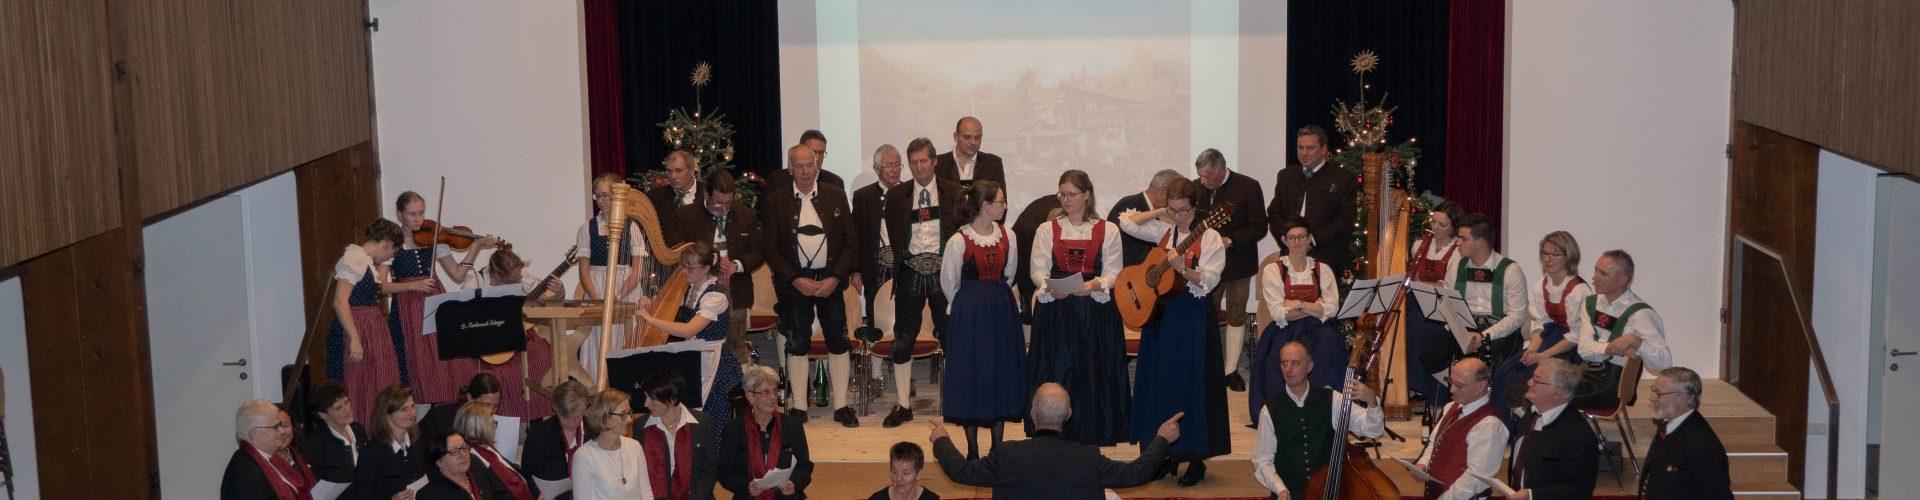 Adventsingen 2018 Foto: Andreas Fischer